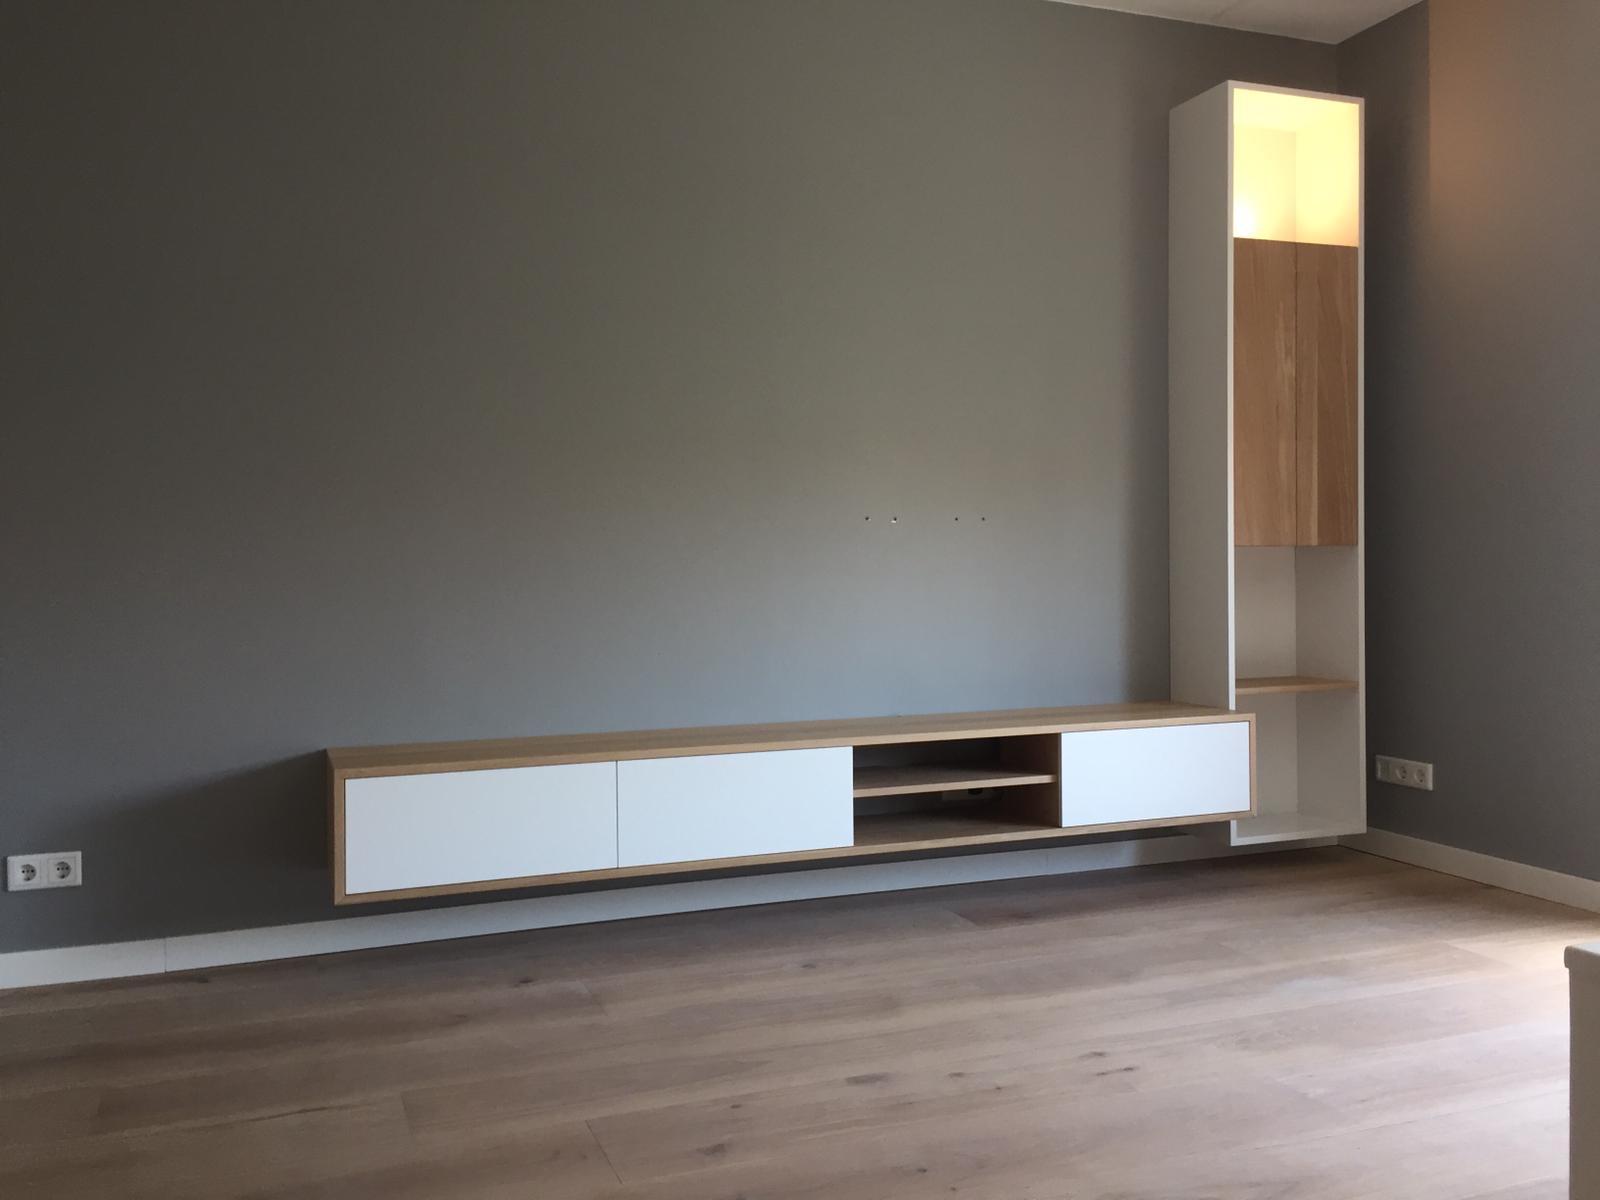 Tv-meubel van eikenhout